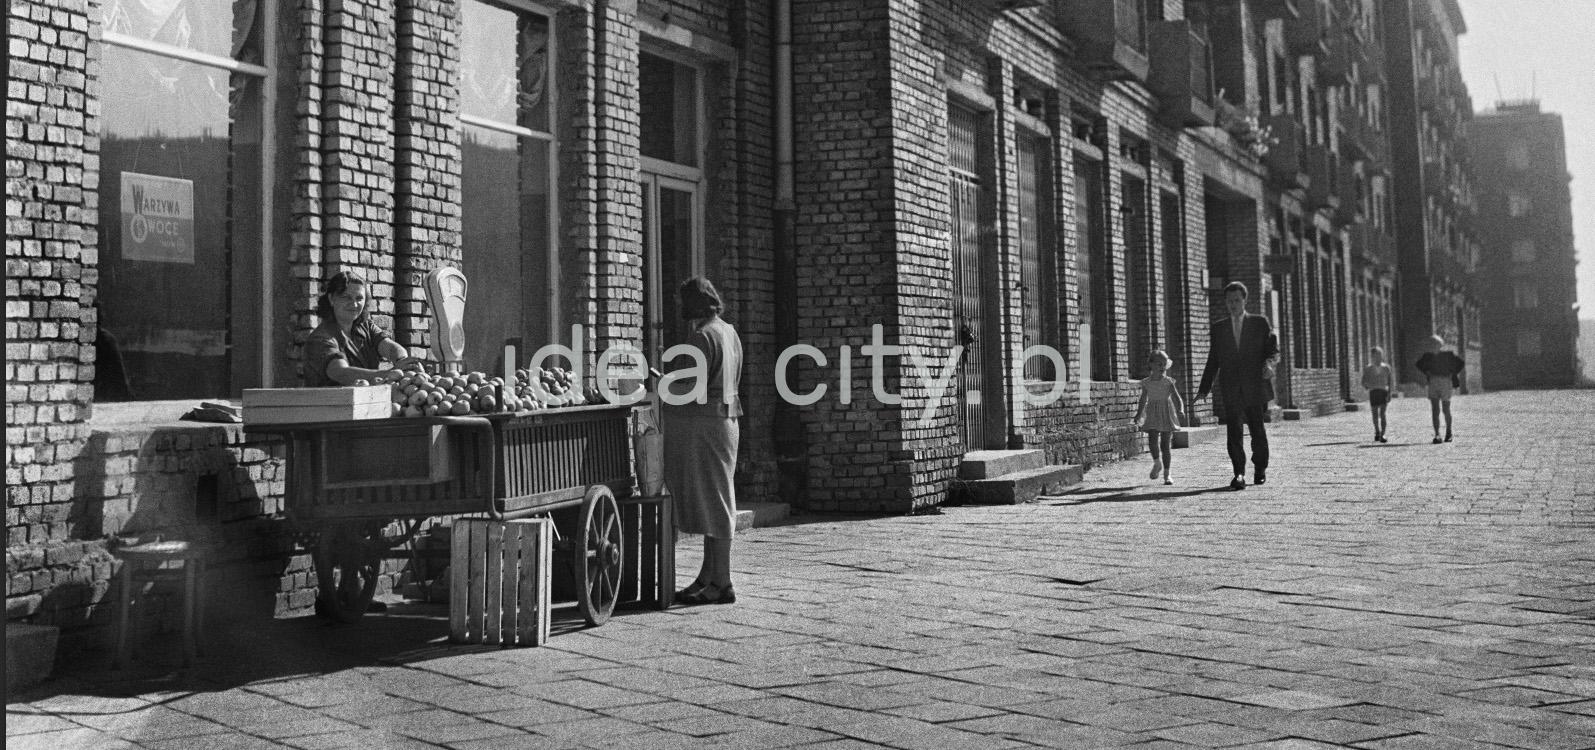 Stoisko na chodniku przed sklepem warzywnym ulokowanym na parterze budynku z cegły. Na szerokim chodniku przechodnie.